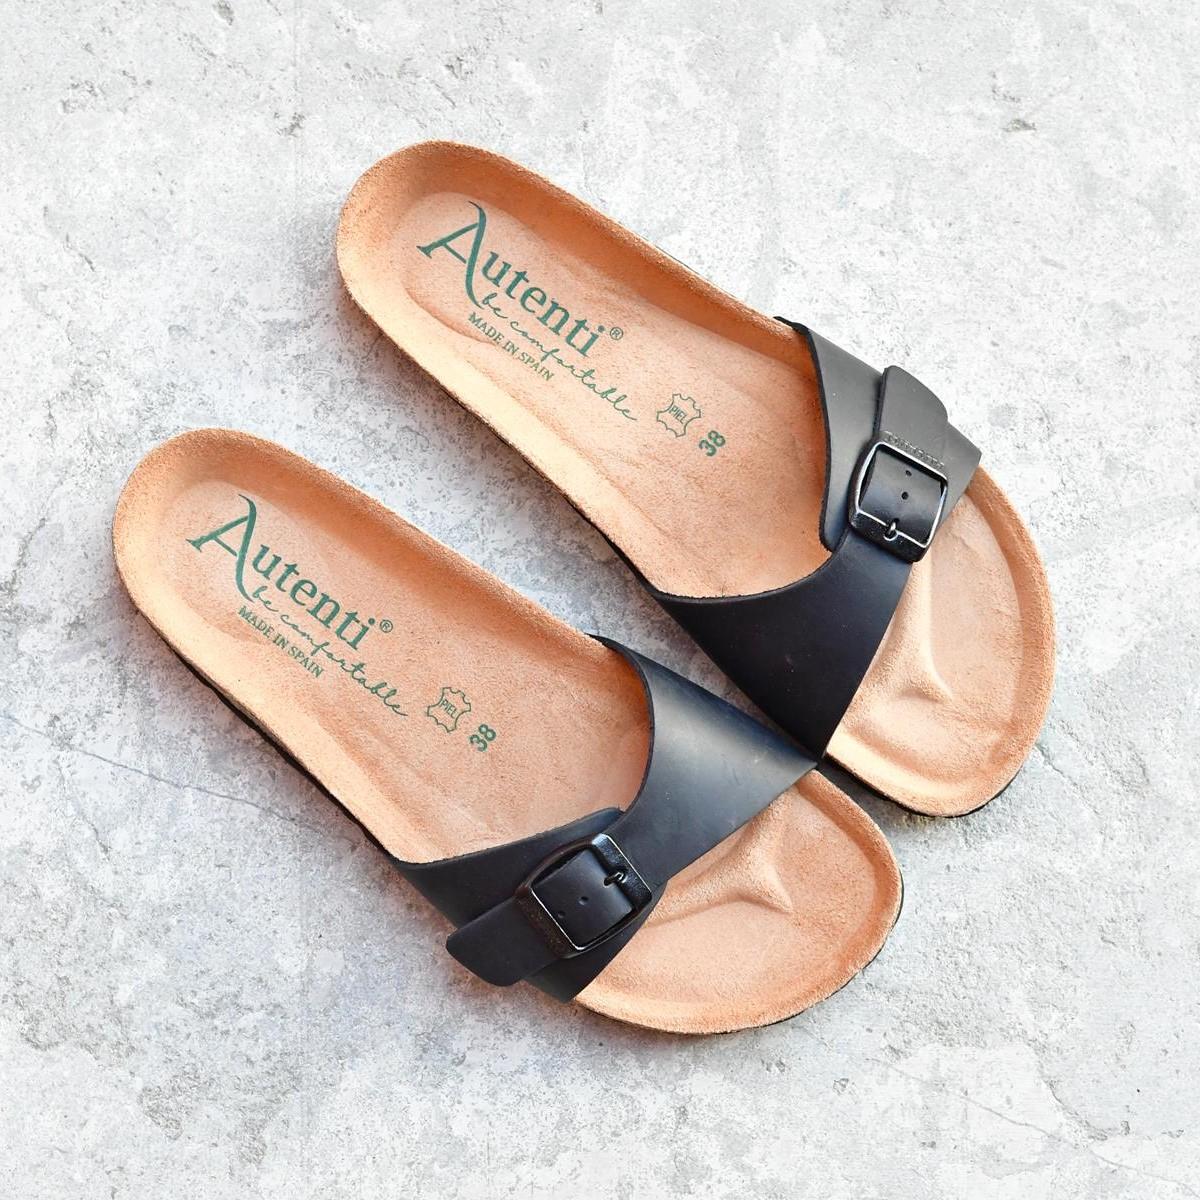 740_AmorShoes-Auntenti-by-Penta-sandalia-bio-una-tira-con-hebilla-para-mujer-chicas-de-piel-premium-color-negro-740